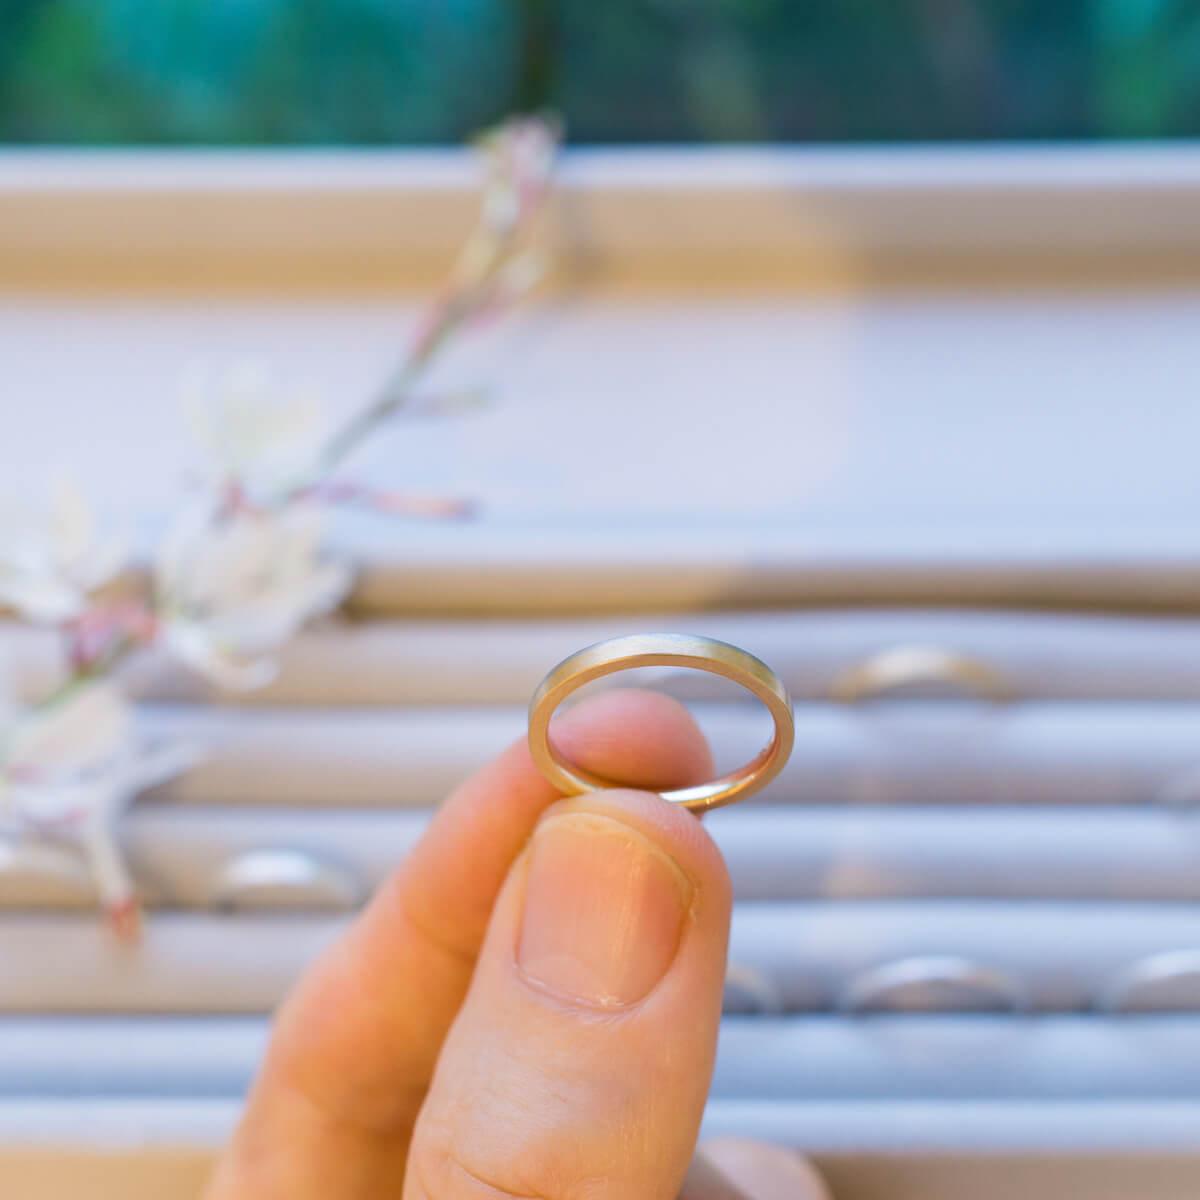 屋久島しずくギャラリー ジュエリーのディスプレイ 手に指輪 プラチナ、ゴールド 結婚指輪のサンプル 屋久島でつくる結婚指輪